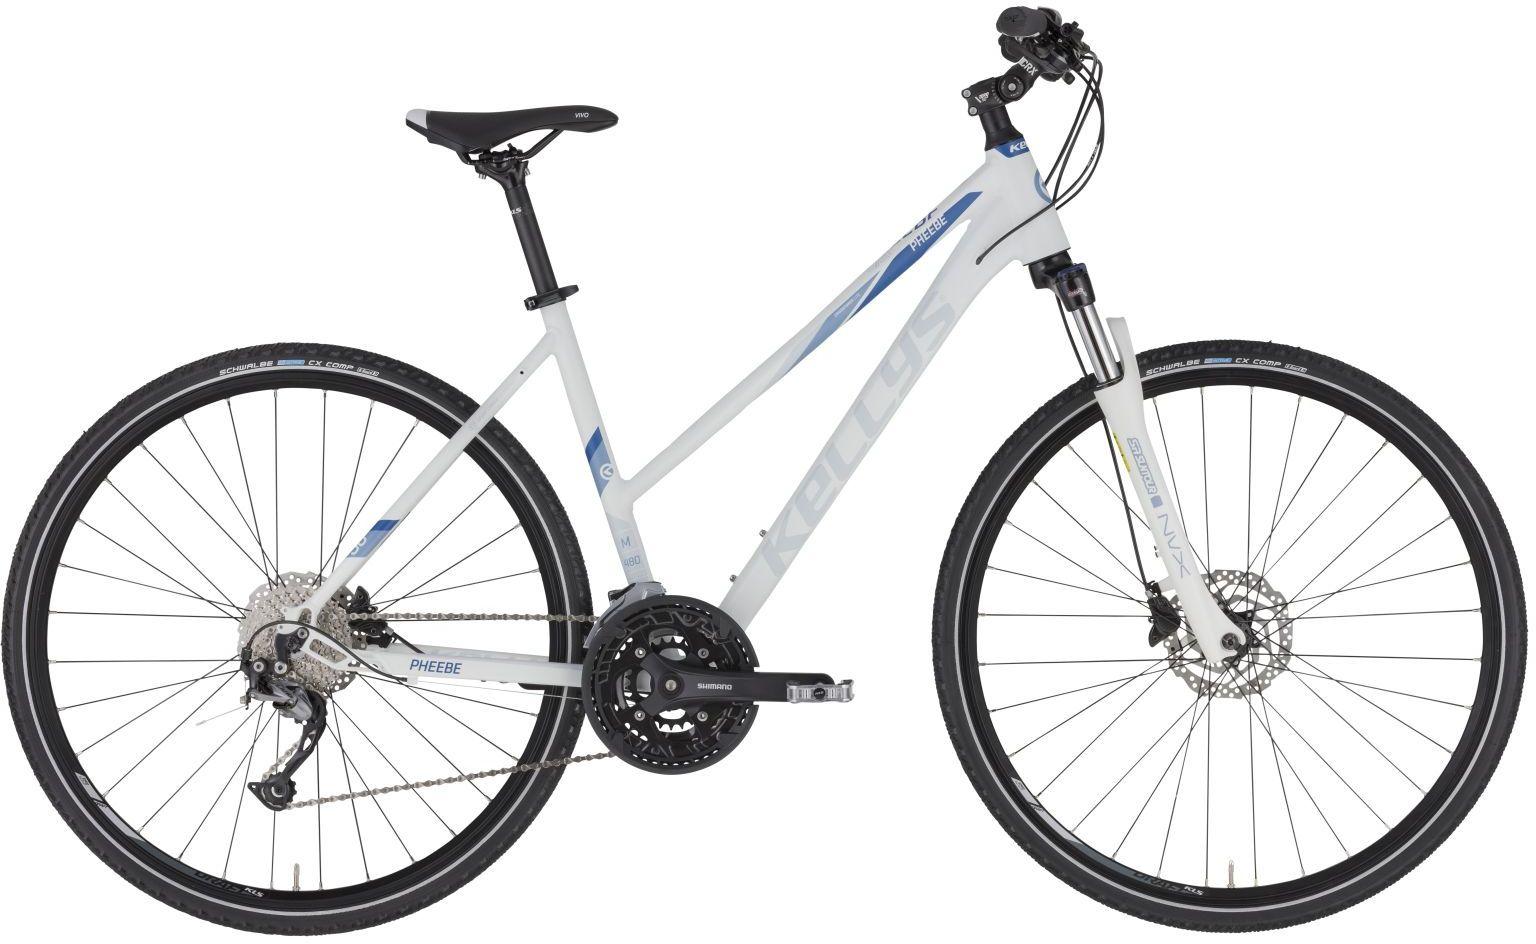 Rower Kellys PHEEBE 30 WHITE 28 2020